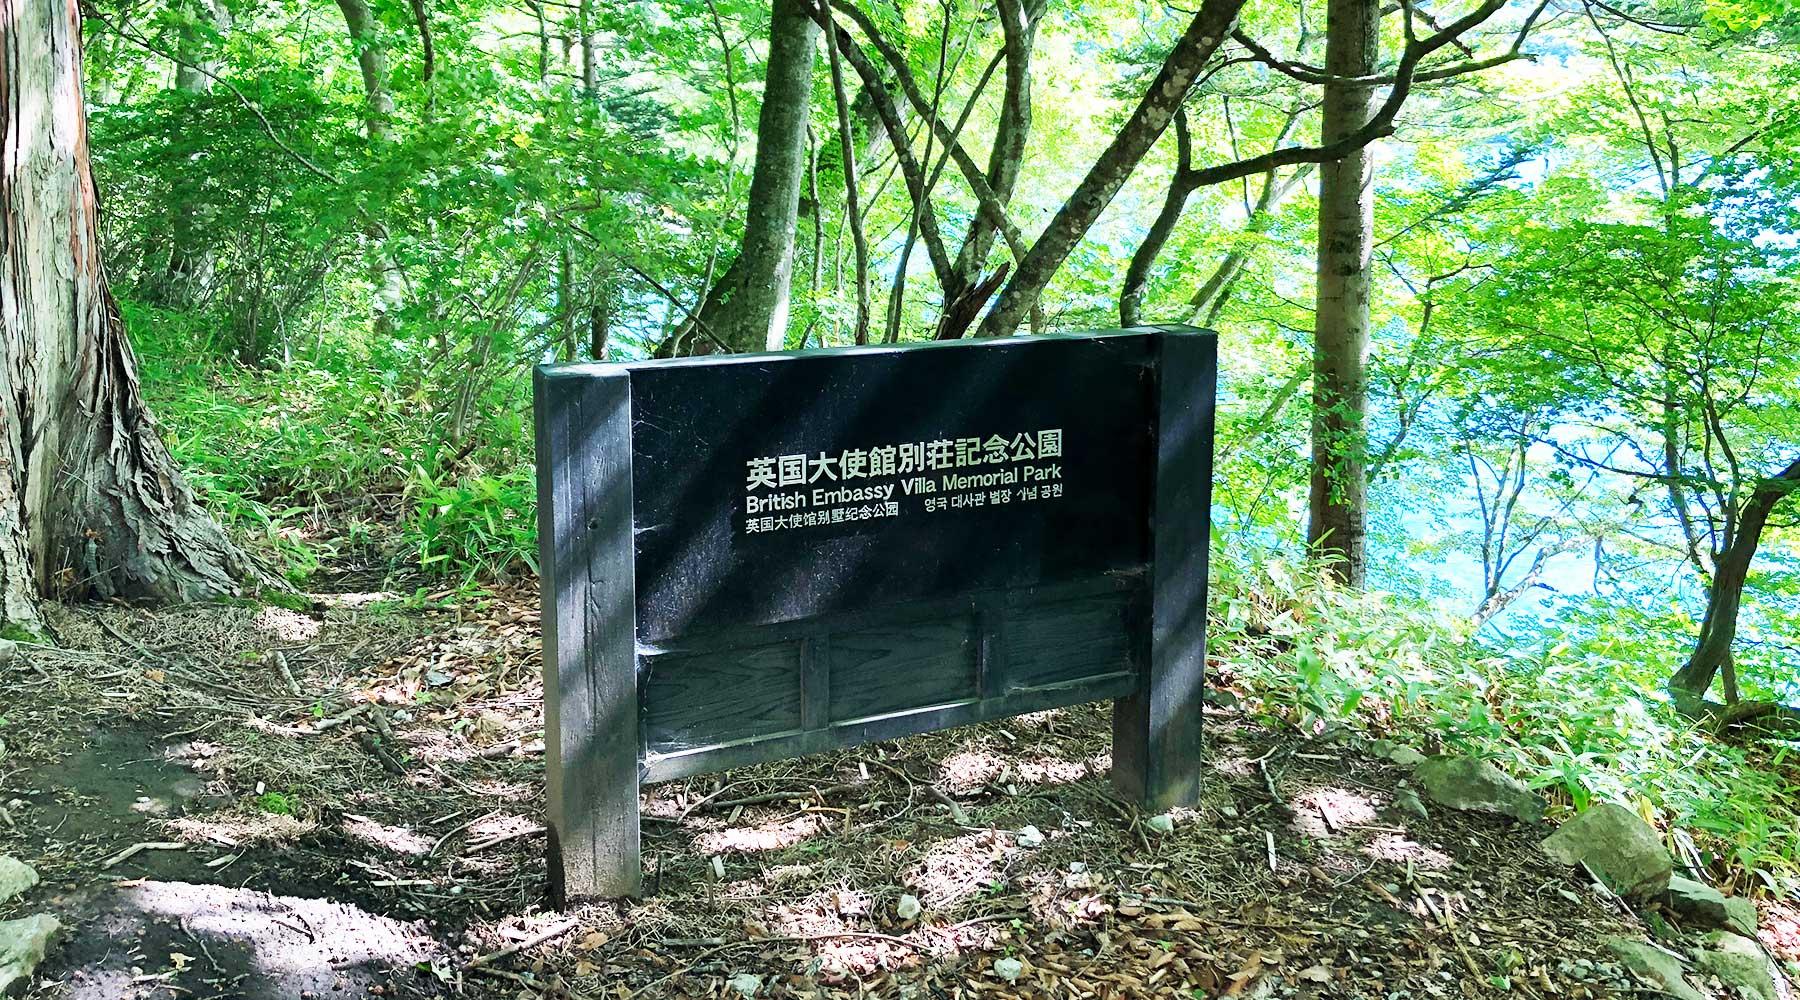 英国大使館別荘記念公園